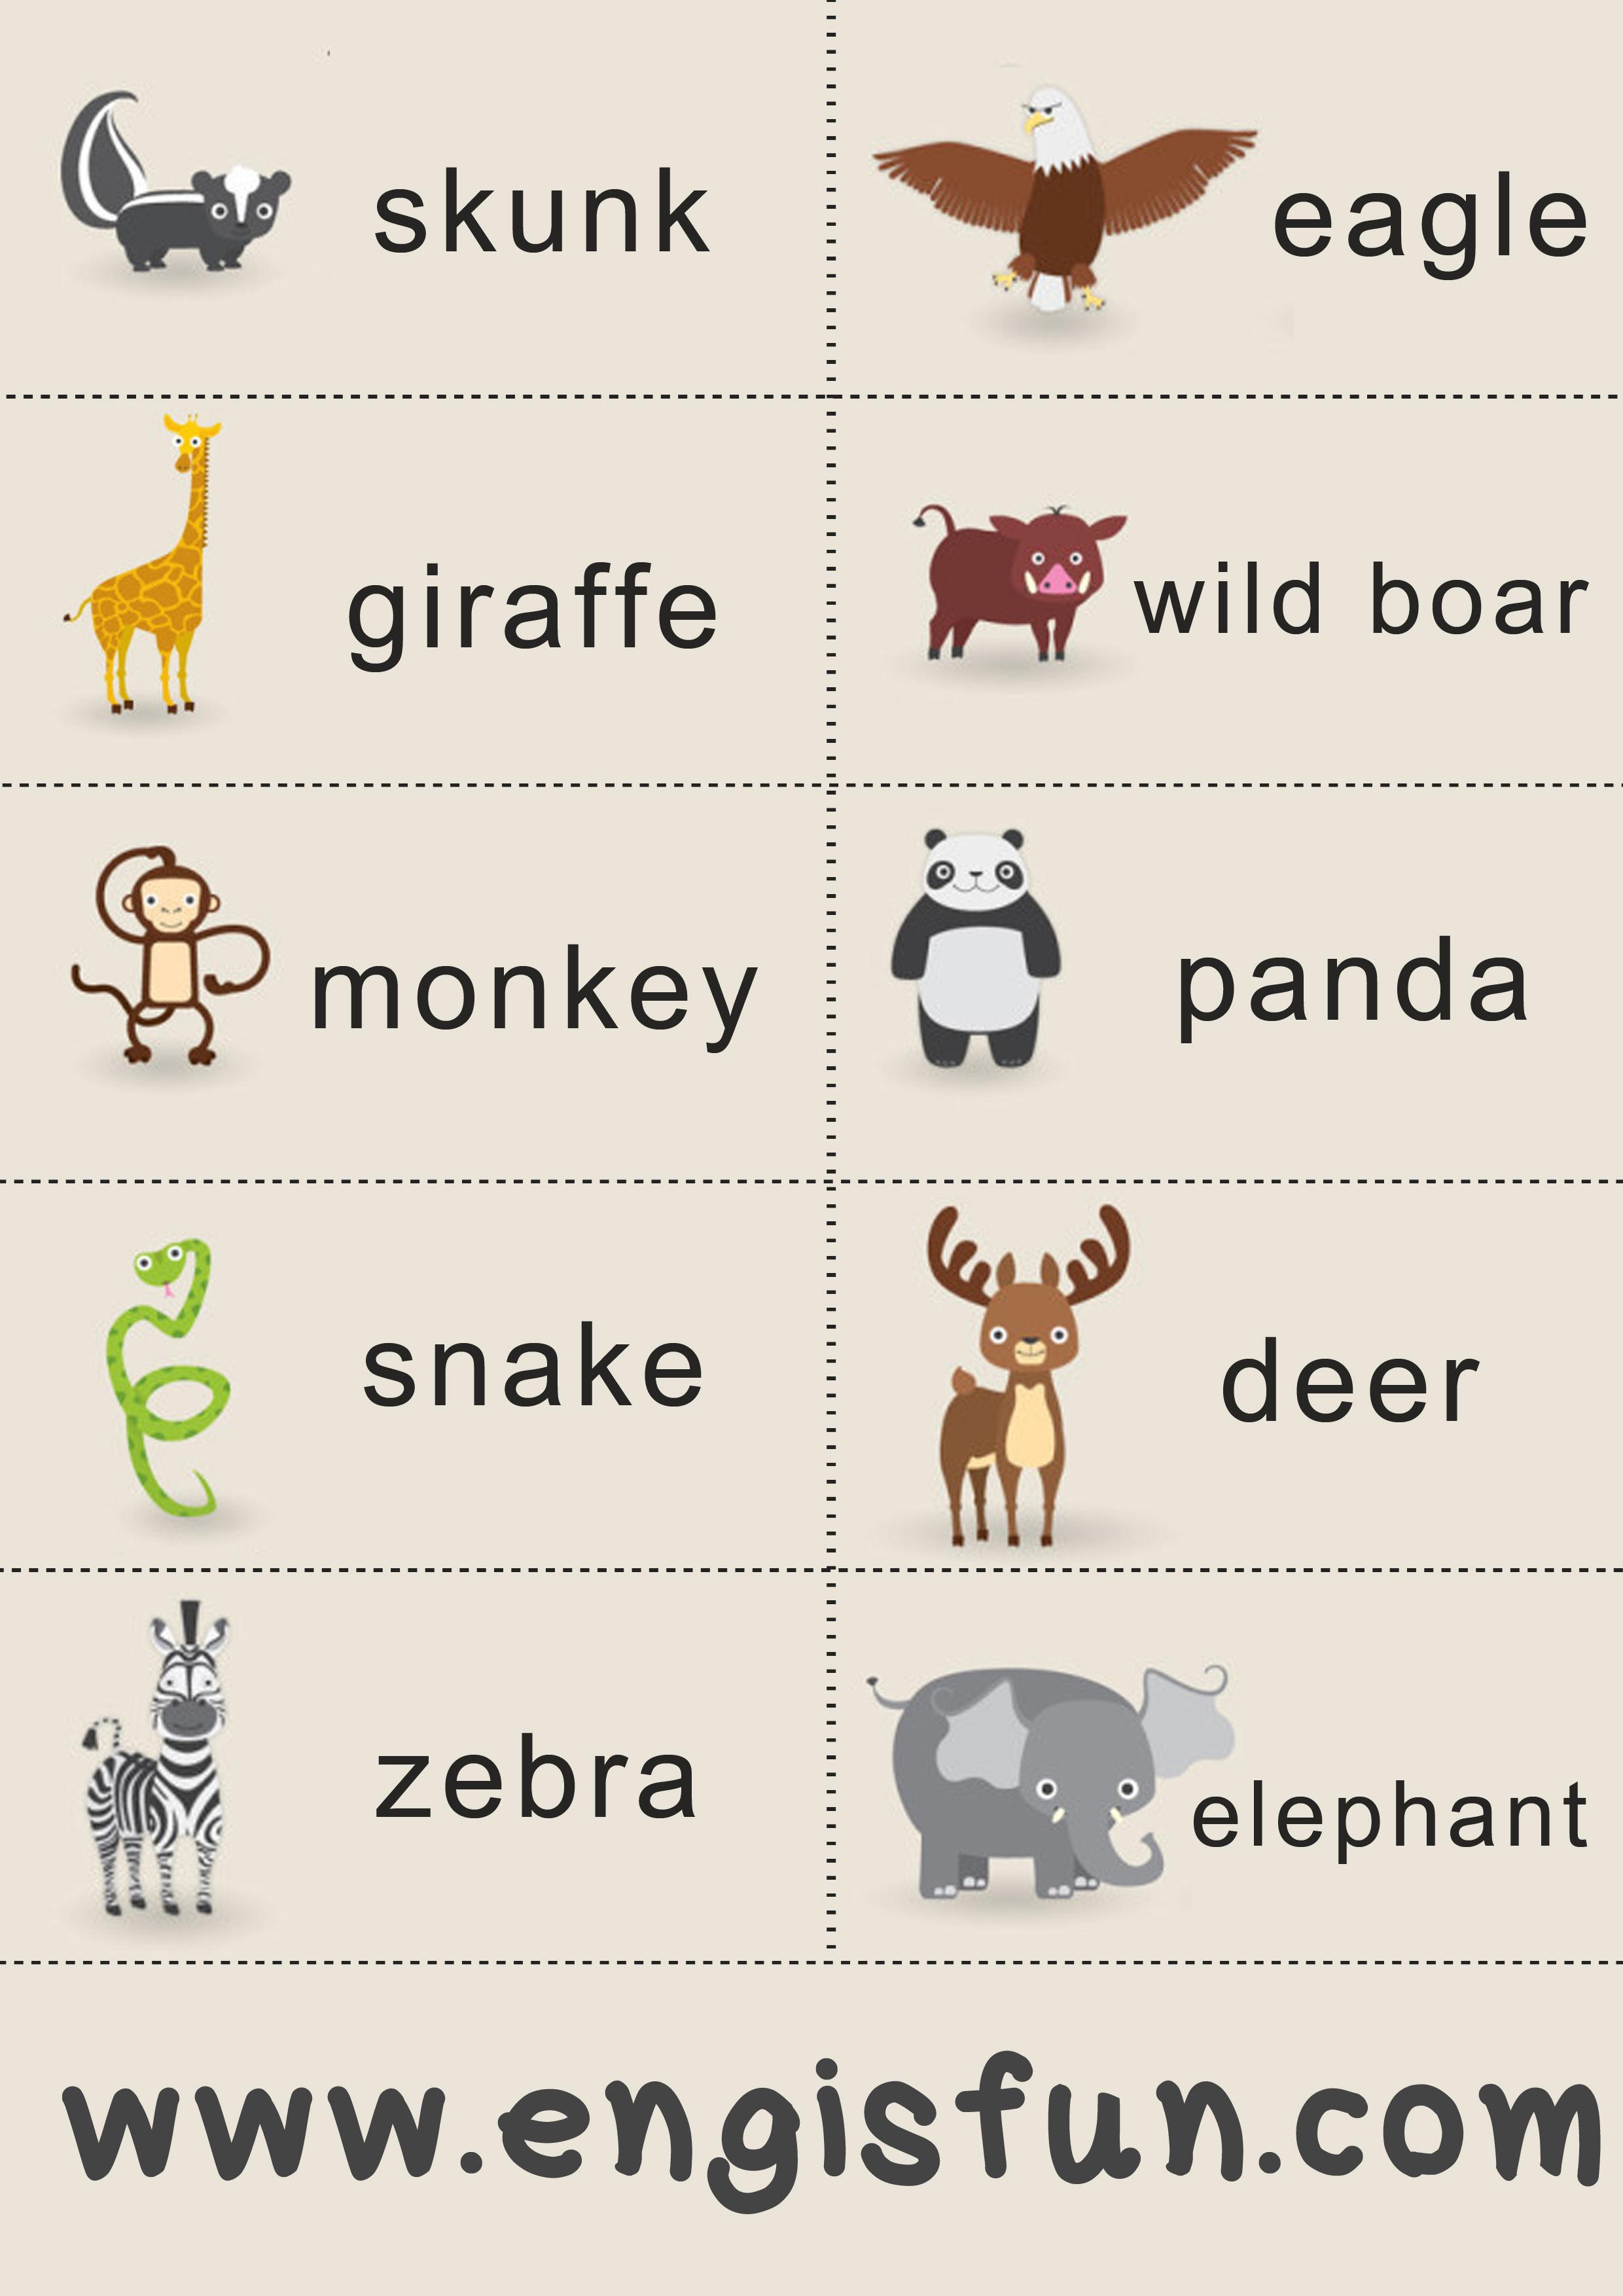 animals สัตว์ ภาษาอังกฤษ